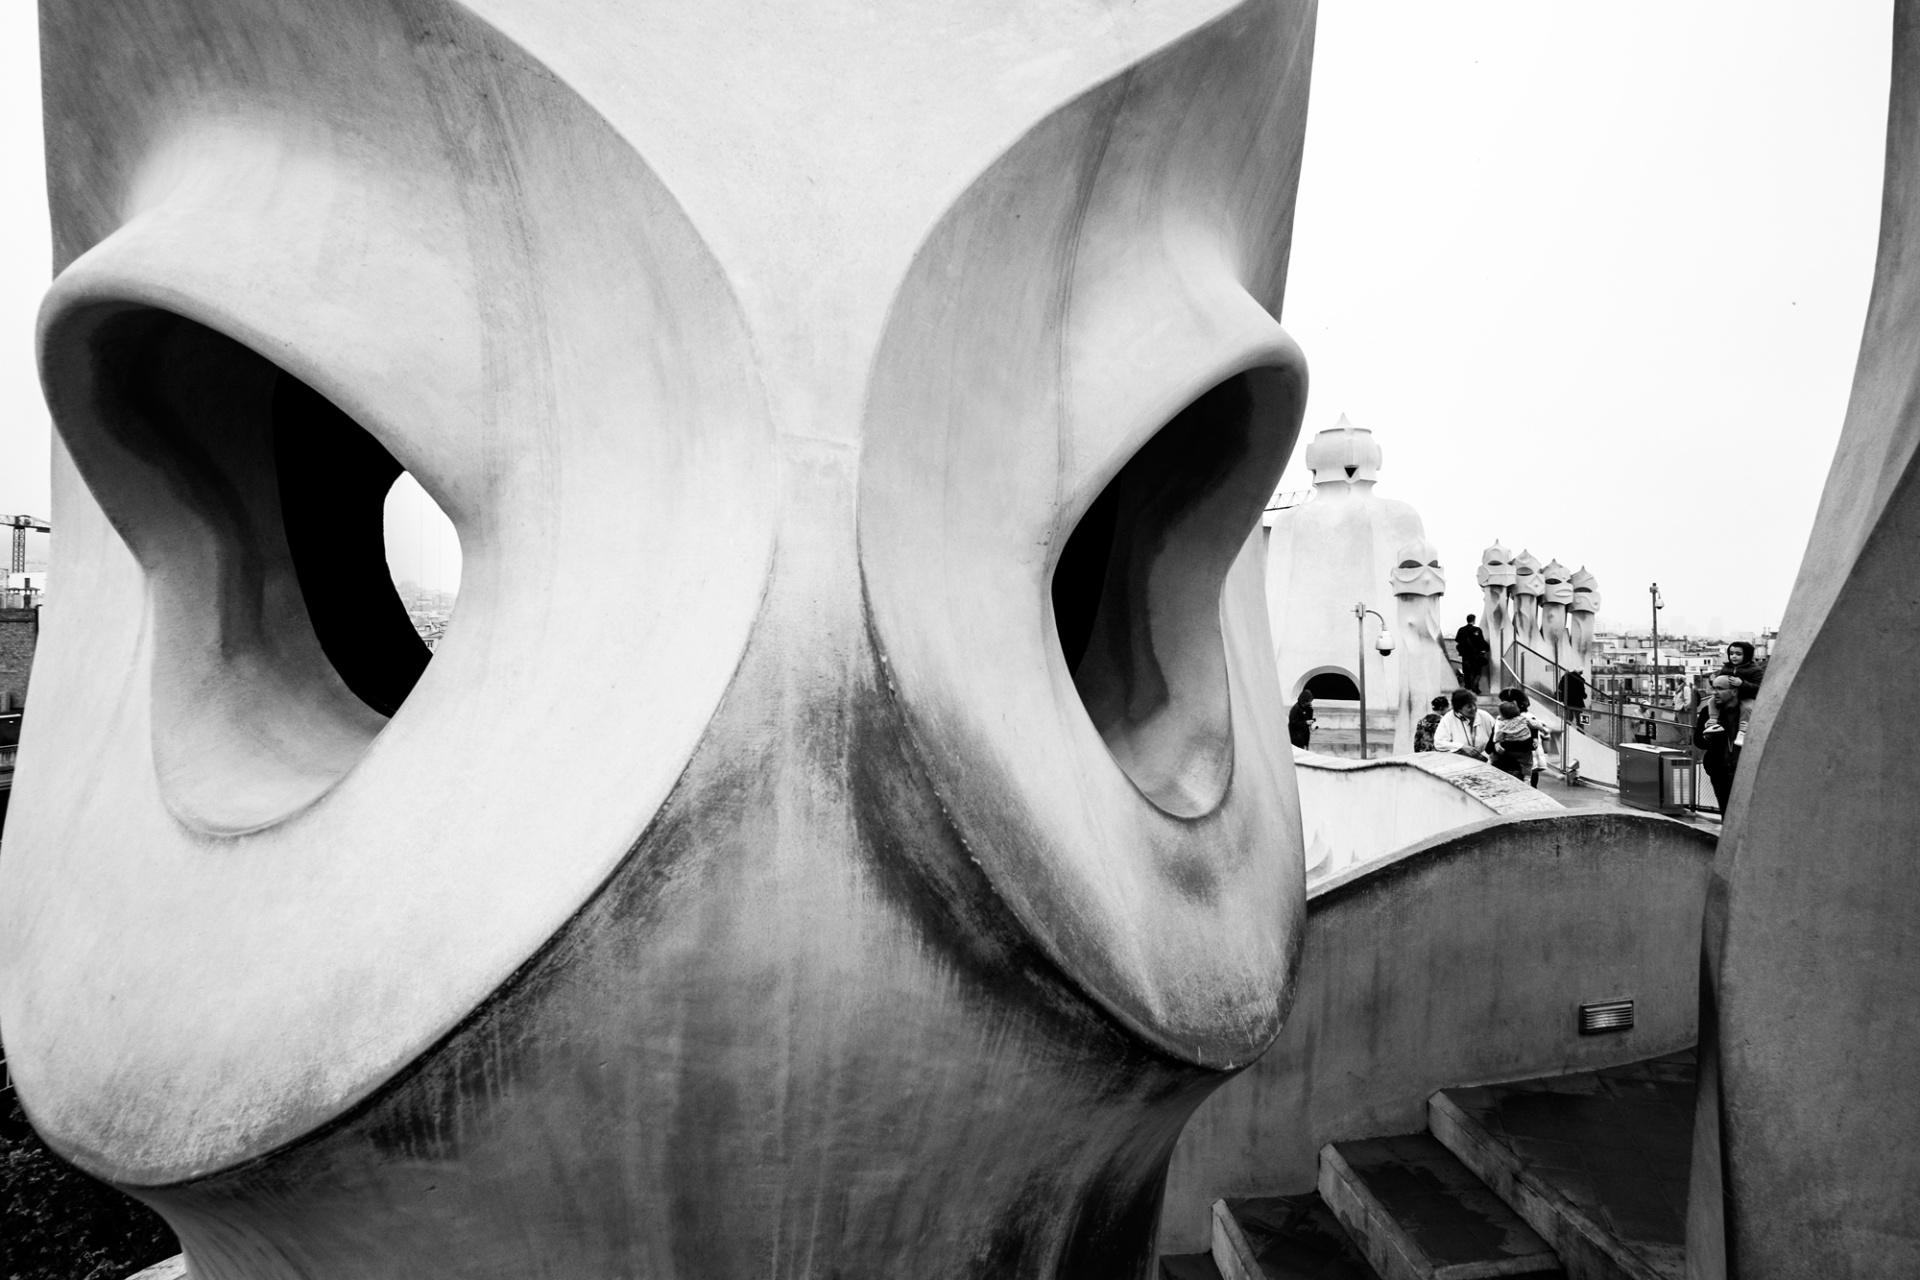 """Barcellona, la capitale del modernismo , """"È una vera sfortuna scoprire una seconda città oltre la propria che diventi una vera città natale... Una quarantina di anni fa ho avuto un colpo di fortuna: ho incontrato"""